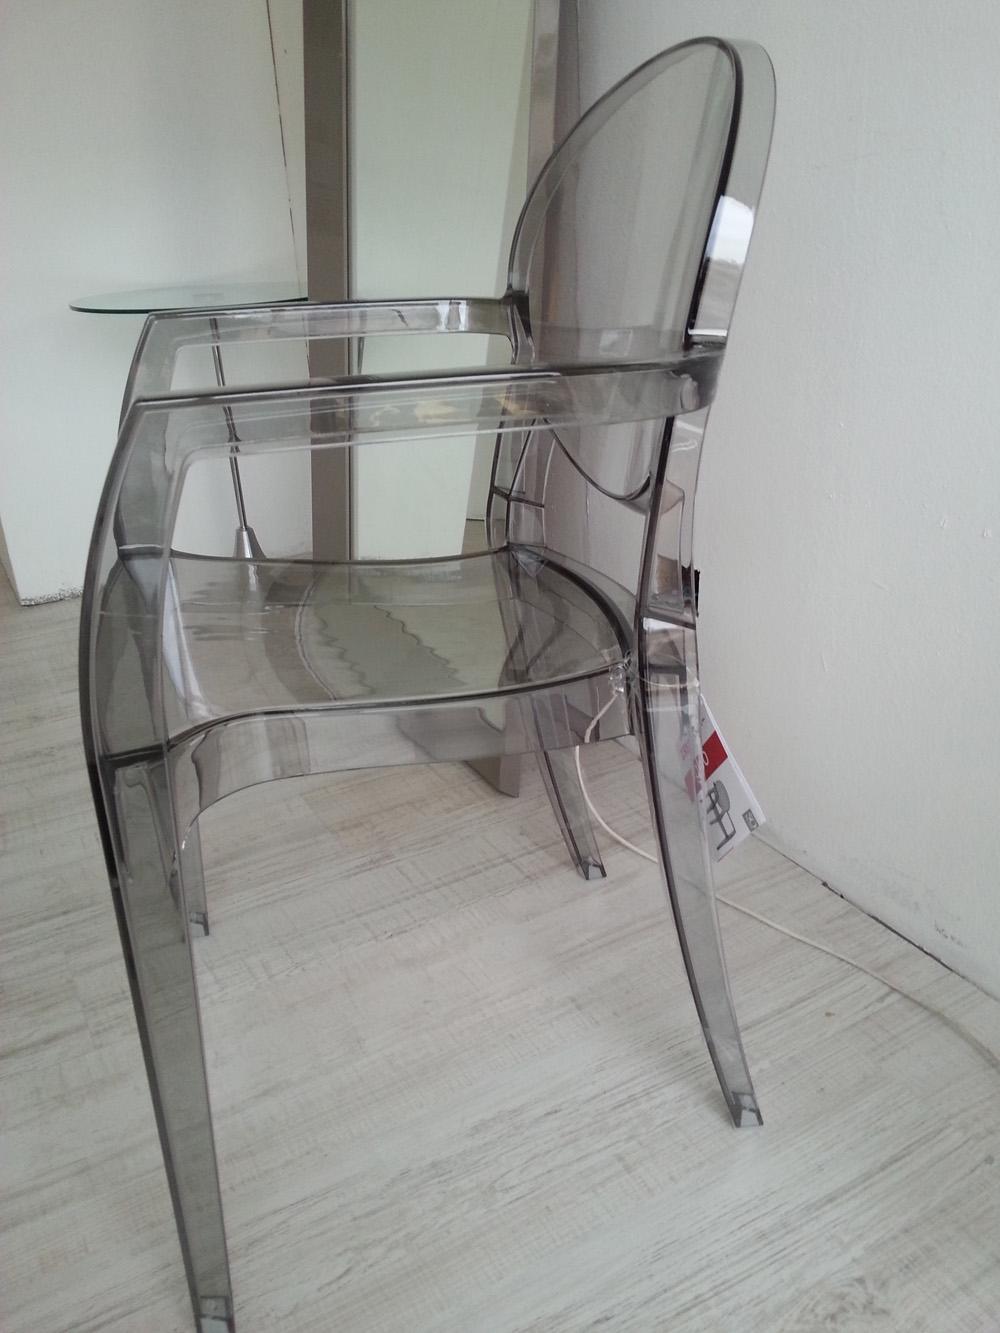 Sedia scab design scontato del 64 sedie a prezzi scontati for Sedie design vicenza